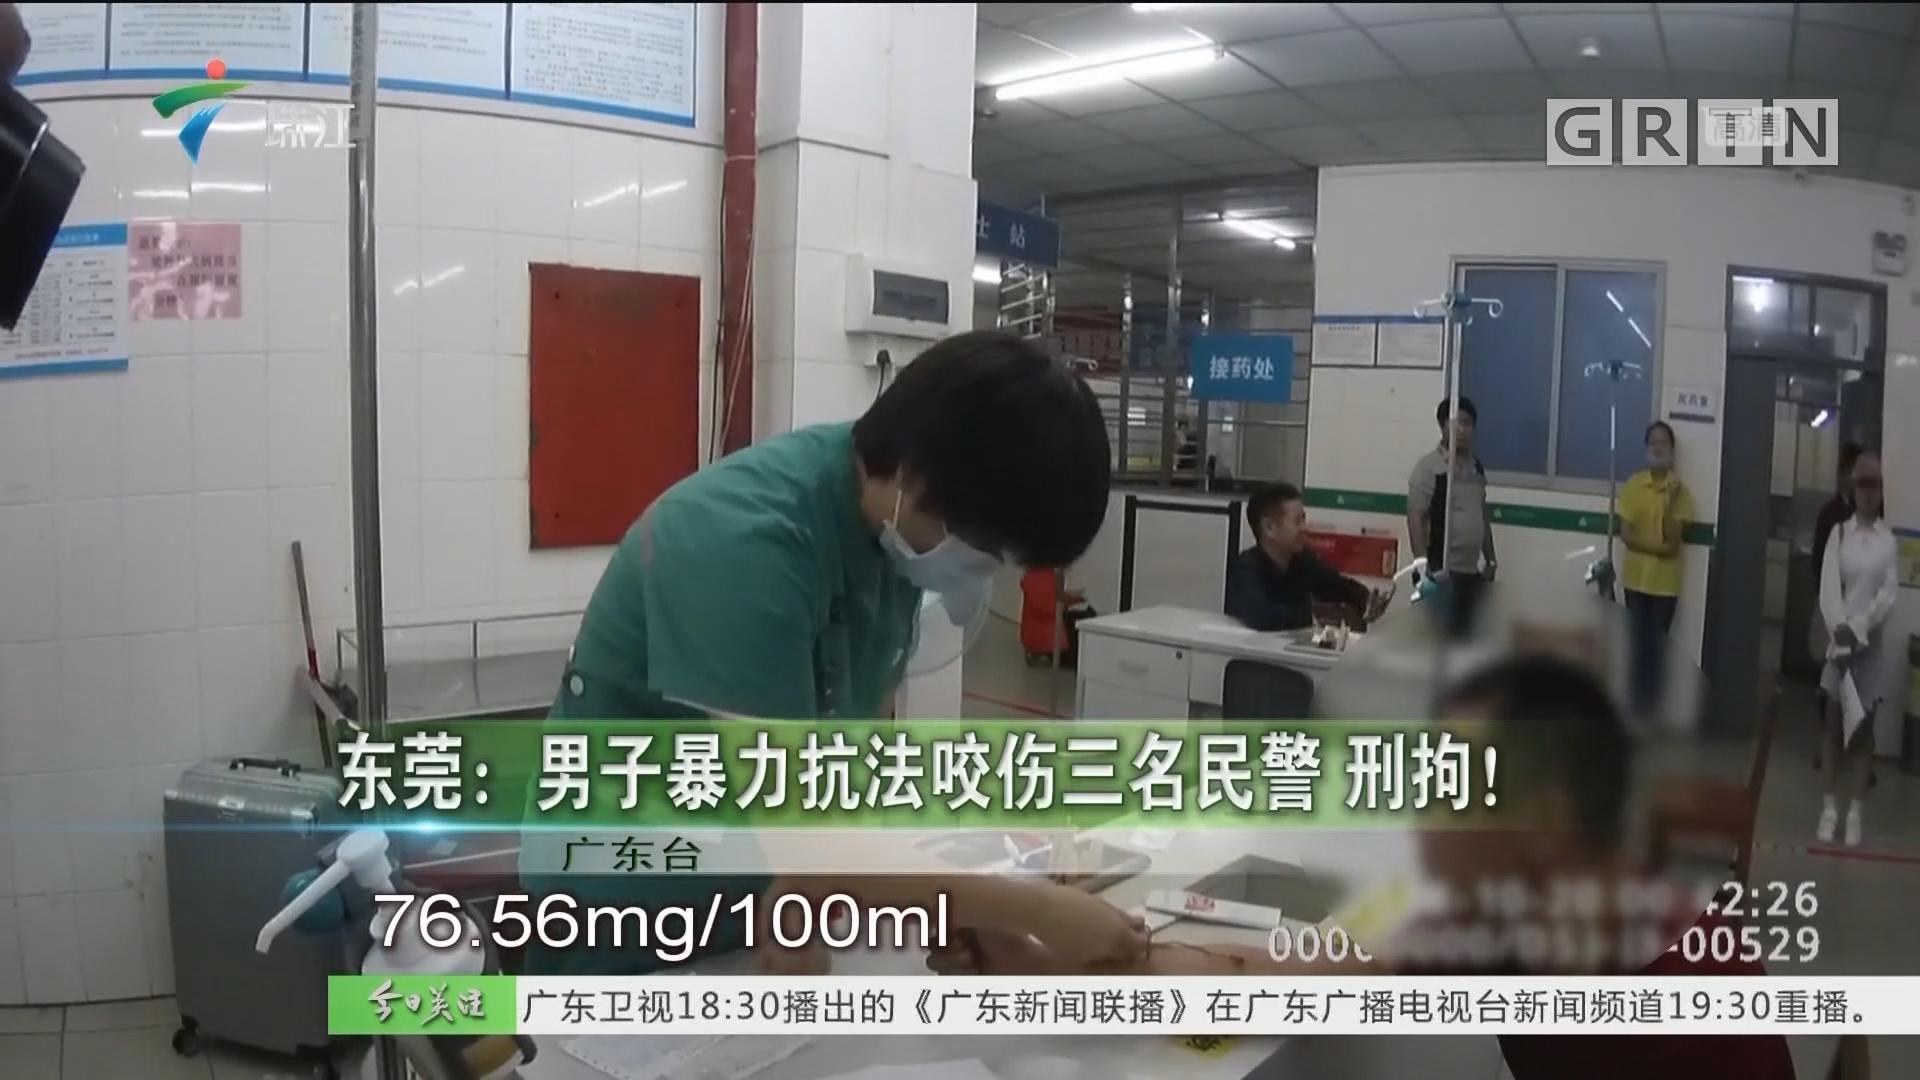 东莞:男子暴力抗法咬伤三名民警 刑拘!